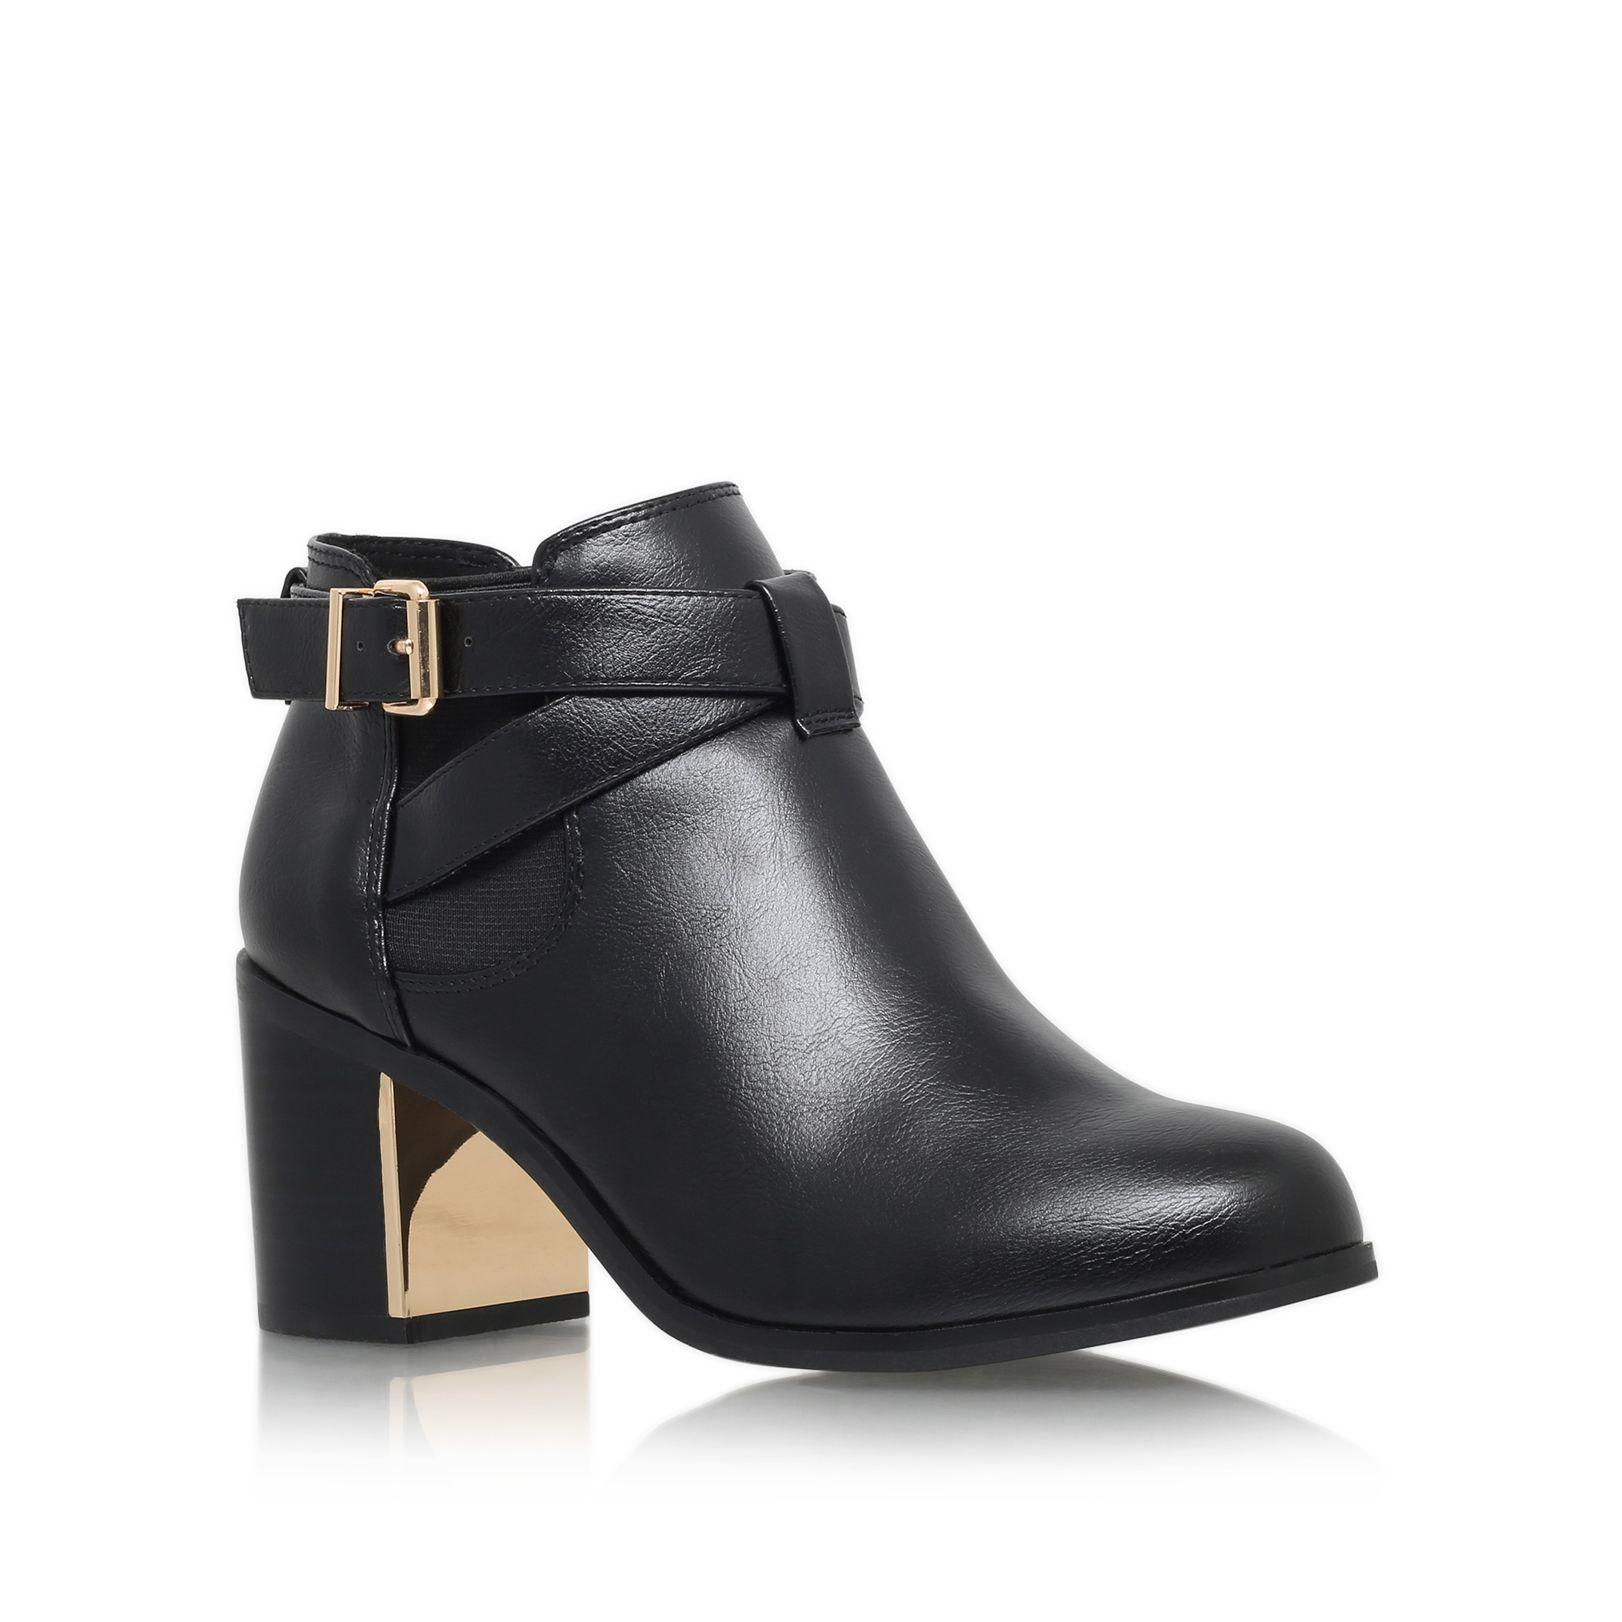 Kurt Geiger Shoe Boots Black